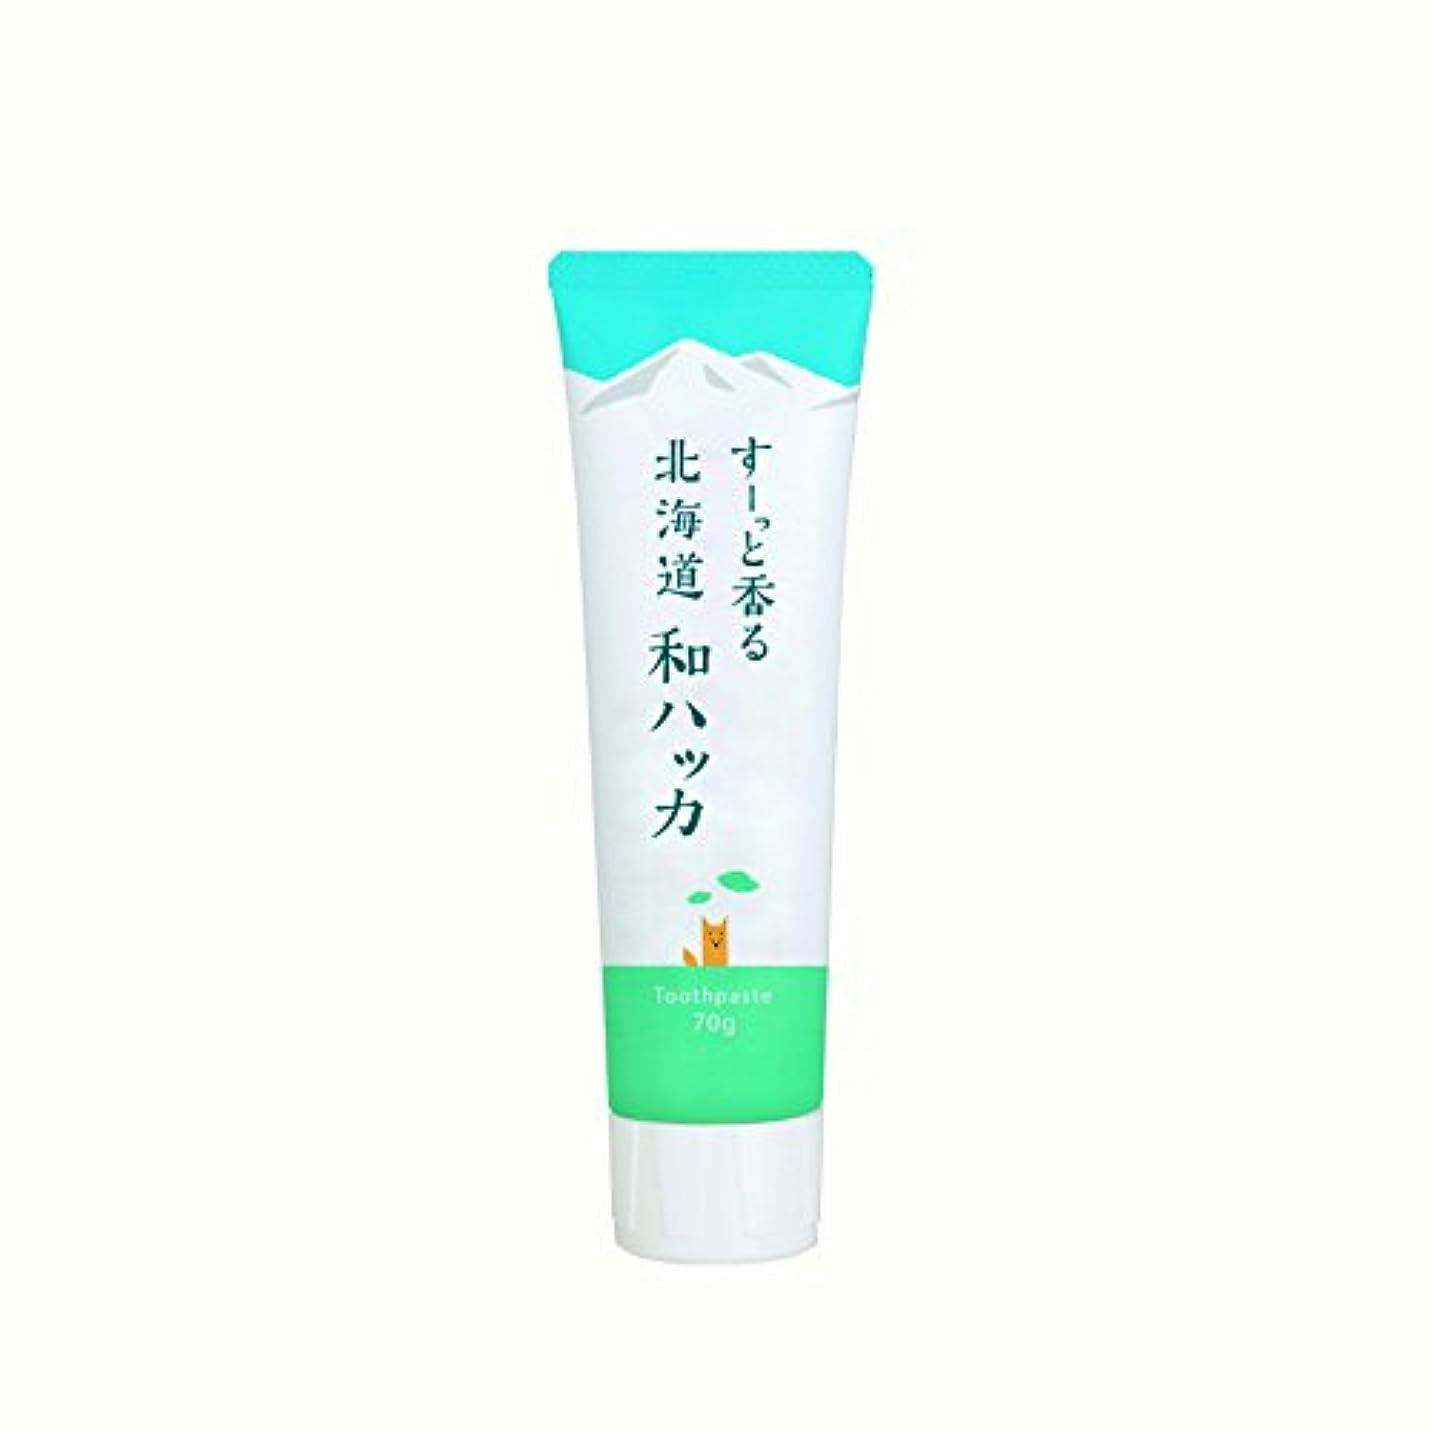 インレイうつ静める(美健)BIKEN ハッカ歯磨き粉 すーっと香る北海道和ハッカ